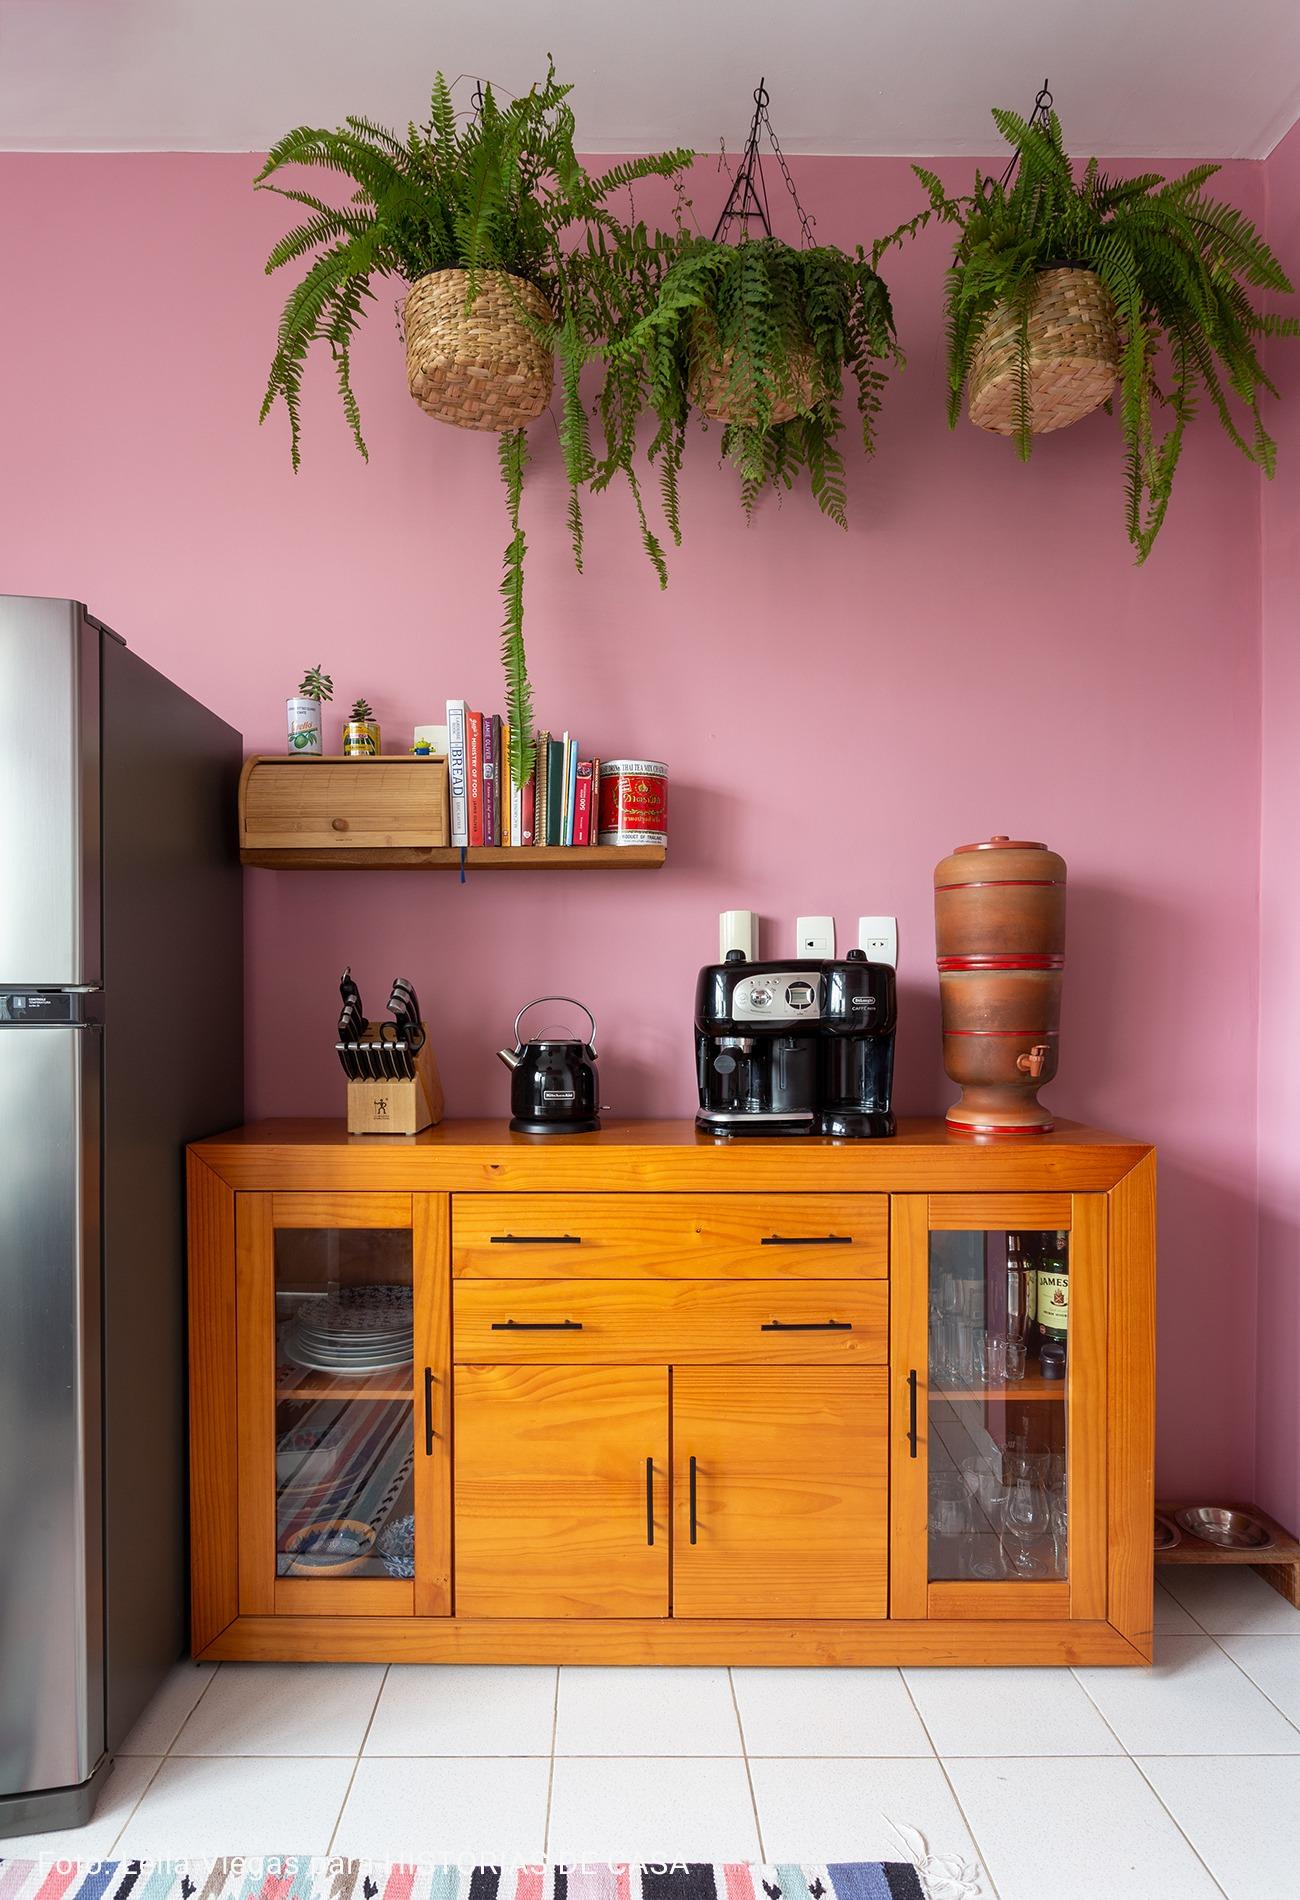 cozinha com sambambaias pendentes